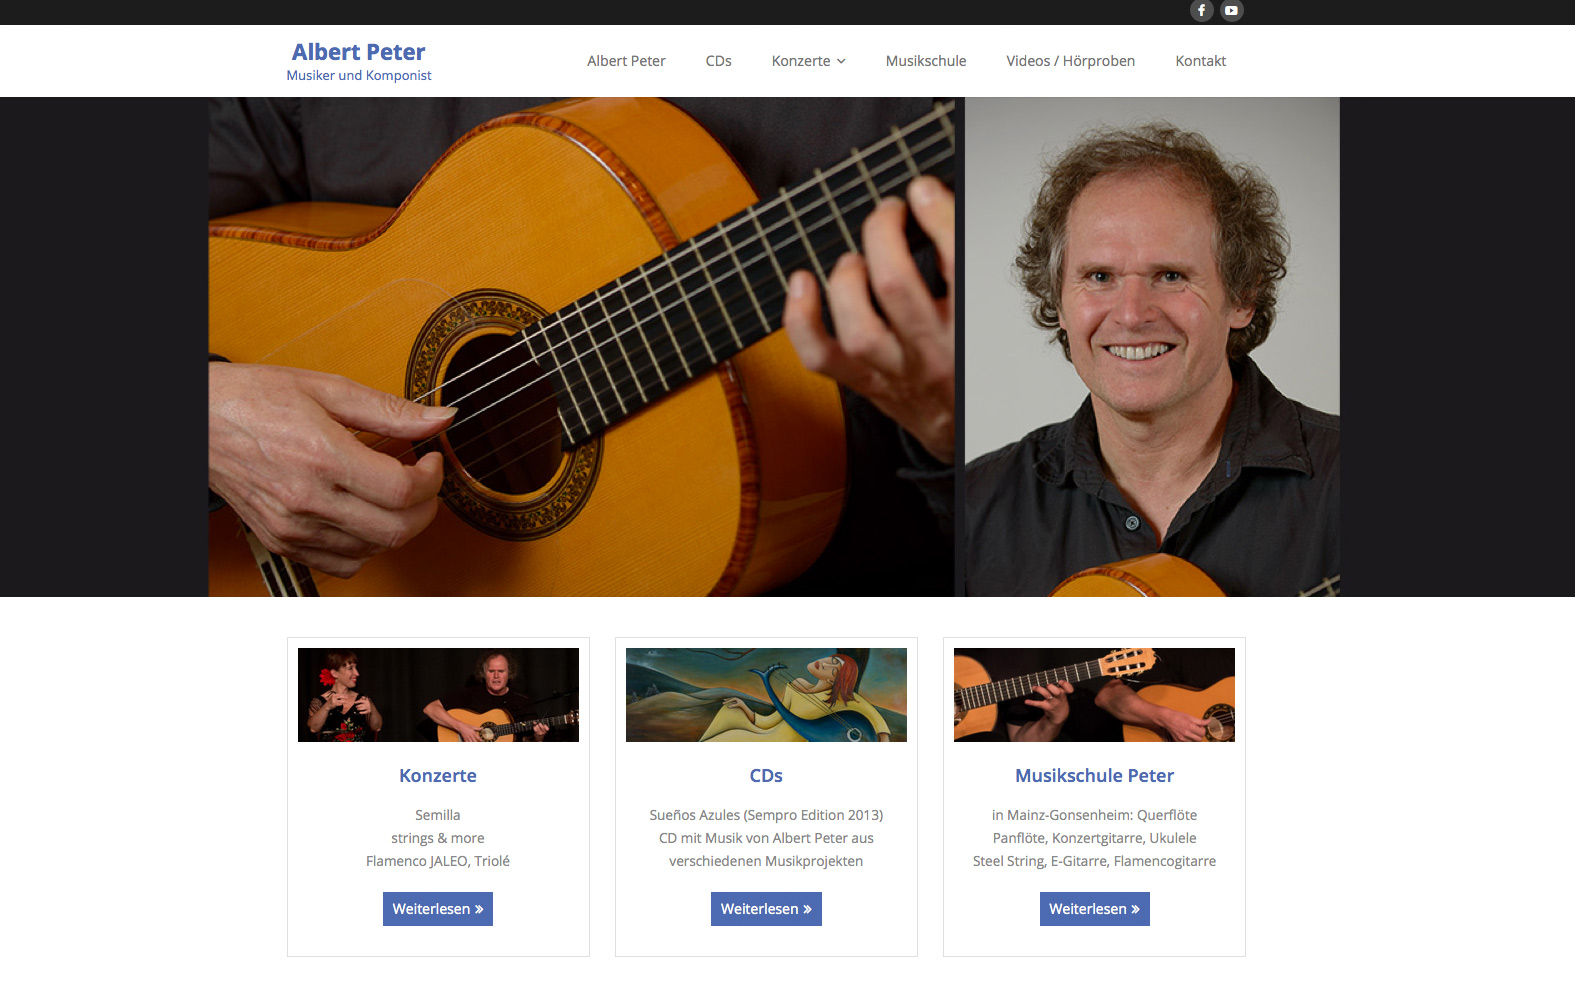 Albert Peter – Musiker, Mainz